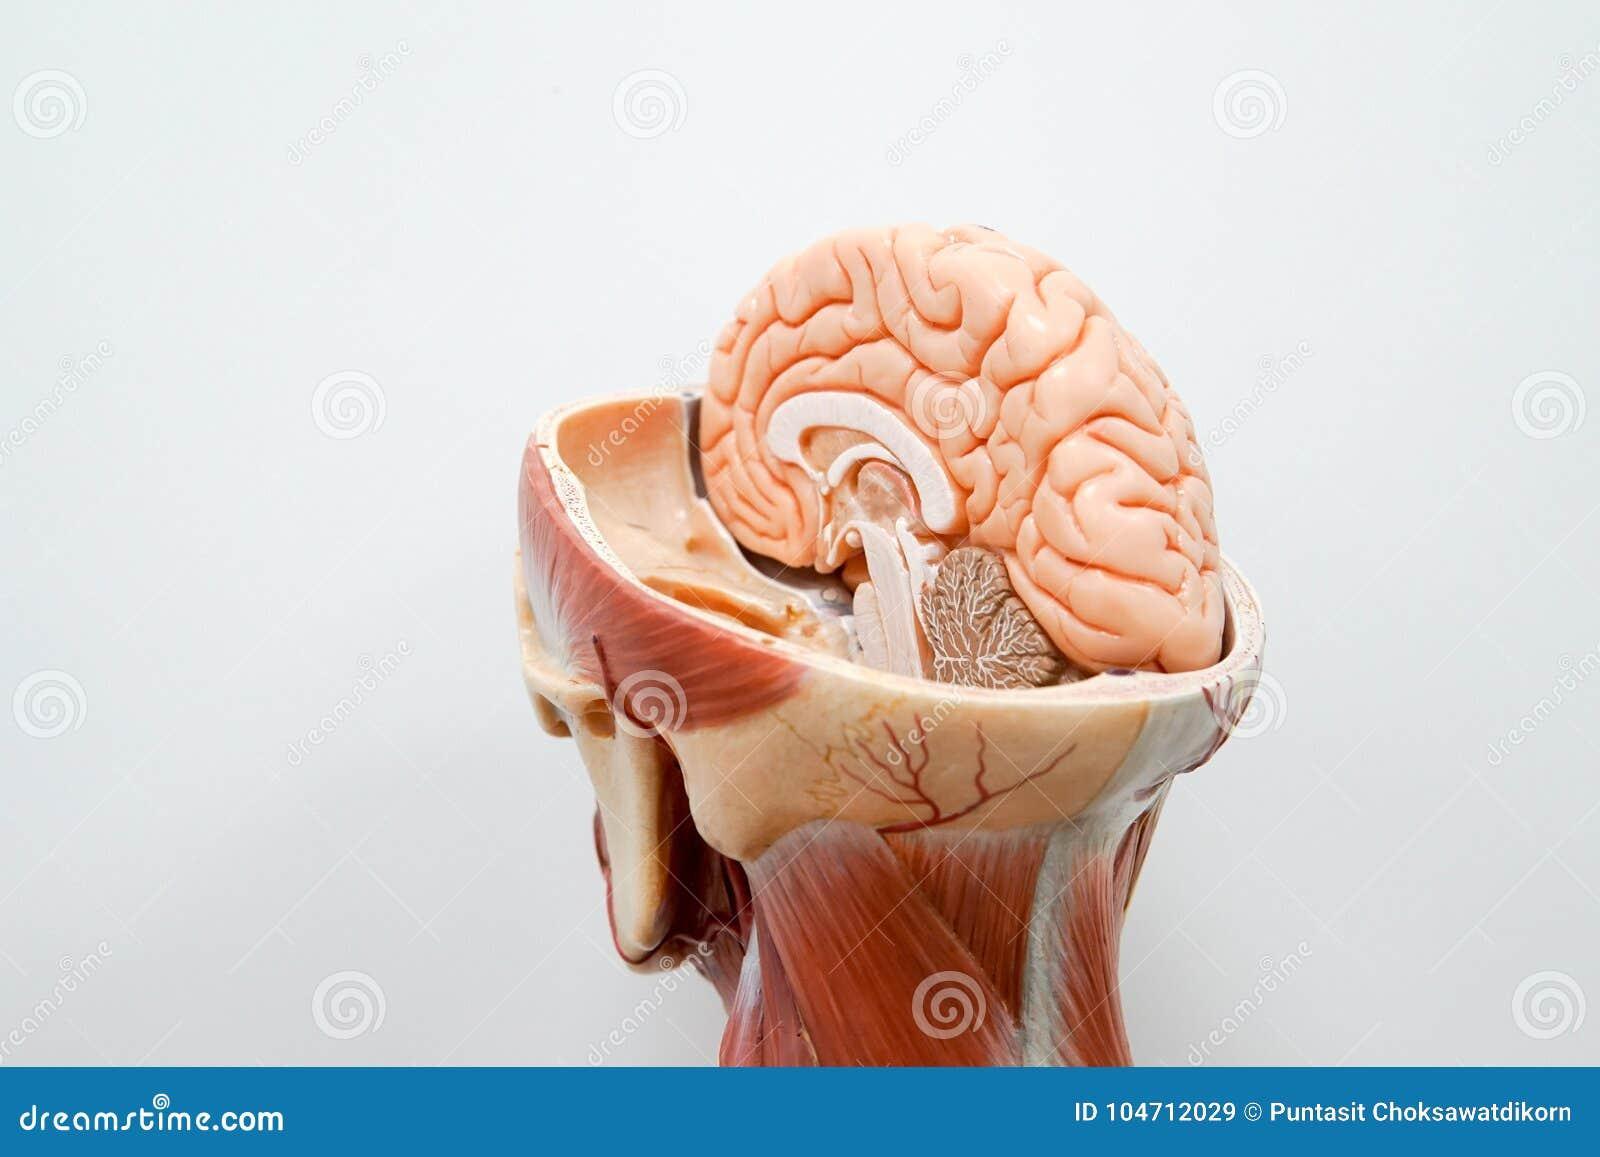 Modelo De La Anatomía Del Cerebro Humano Imagen de archivo - Imagen ...